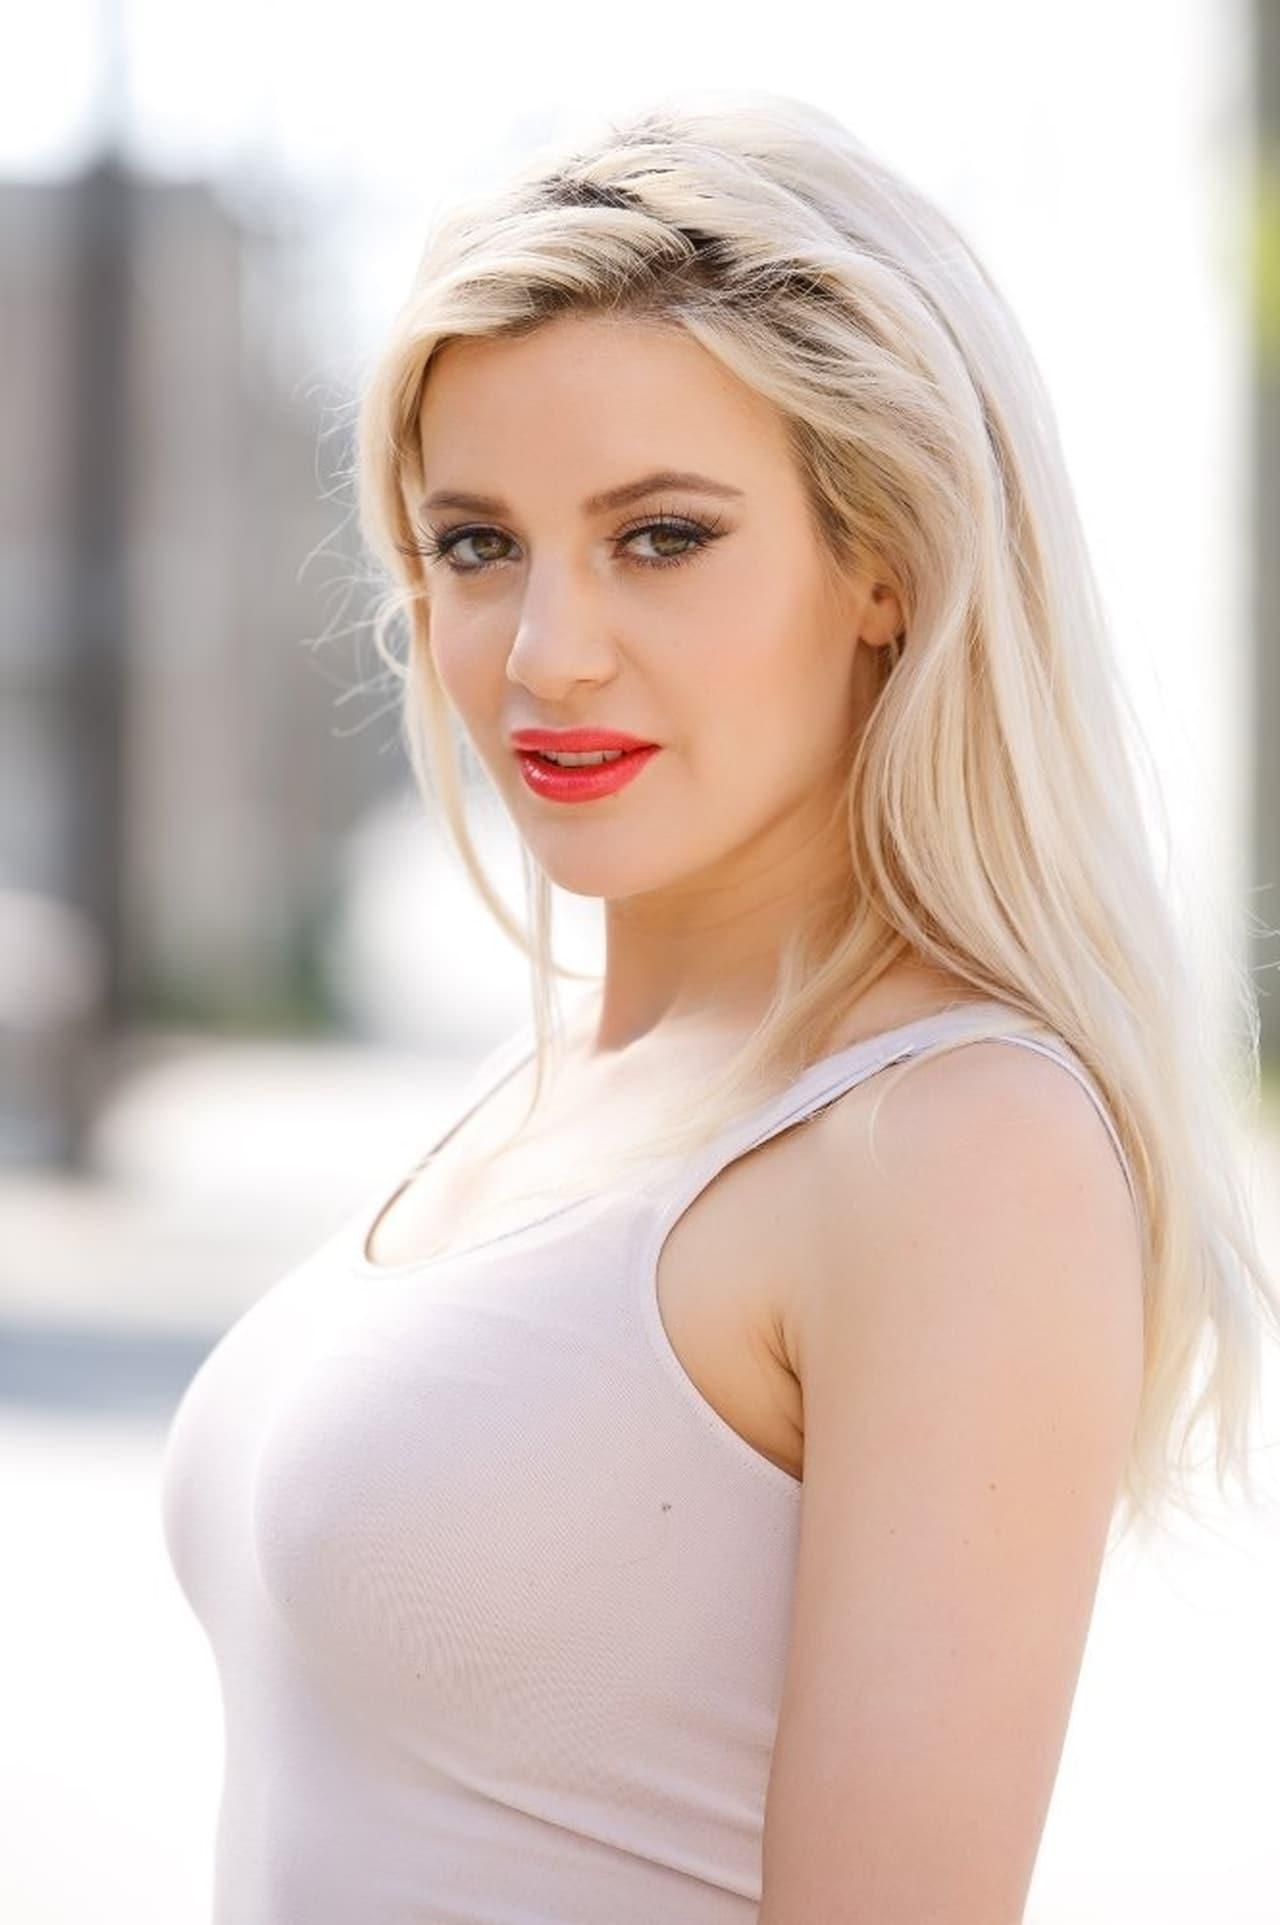 Rachel Sheen